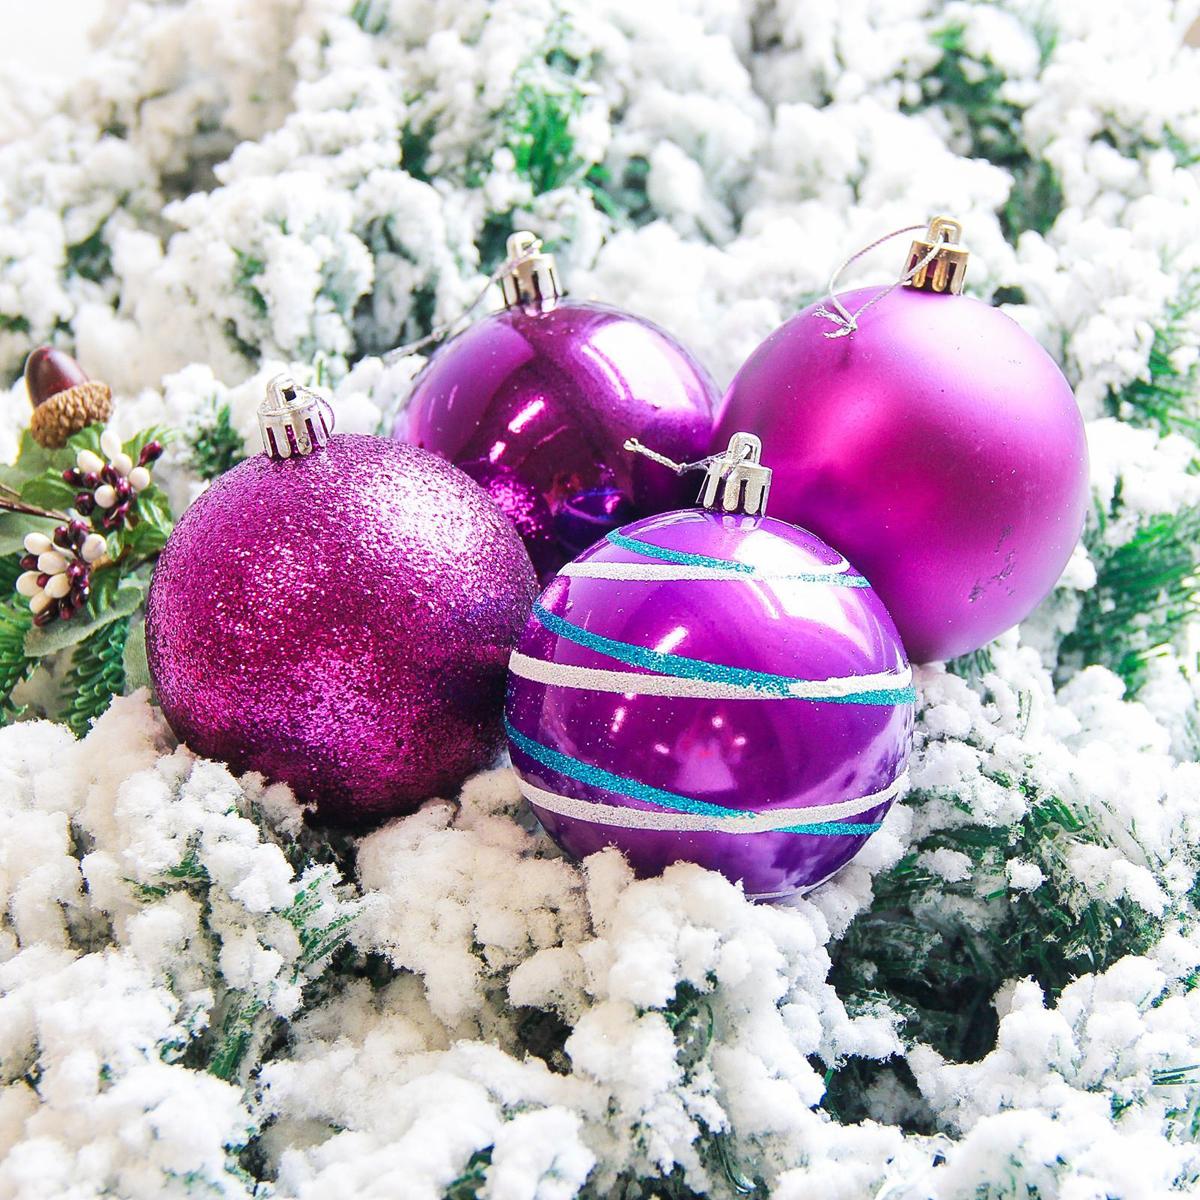 Набор новогодних подвесных украшений Sima-land Орион, цвет: фиолетовый, диаметр 8 см, 6 шт2178291Набор новогодних подвесных украшений Sima-land отлично подойдет для декорации вашего дома и новогодней ели. С помощью специальной петельки украшение можно повесить в любом понравившемся вам месте. Но, конечно, удачнее всего оно будет смотреться на праздничной елке. Елочная игрушка - символ Нового года. Она несет в себе волшебство и красоту праздника. Создайте в своем доме атмосферу веселья и радости, украшая новогоднюю елку нарядными игрушками, которые будут из года в год накапливать теплоту воспоминаний.